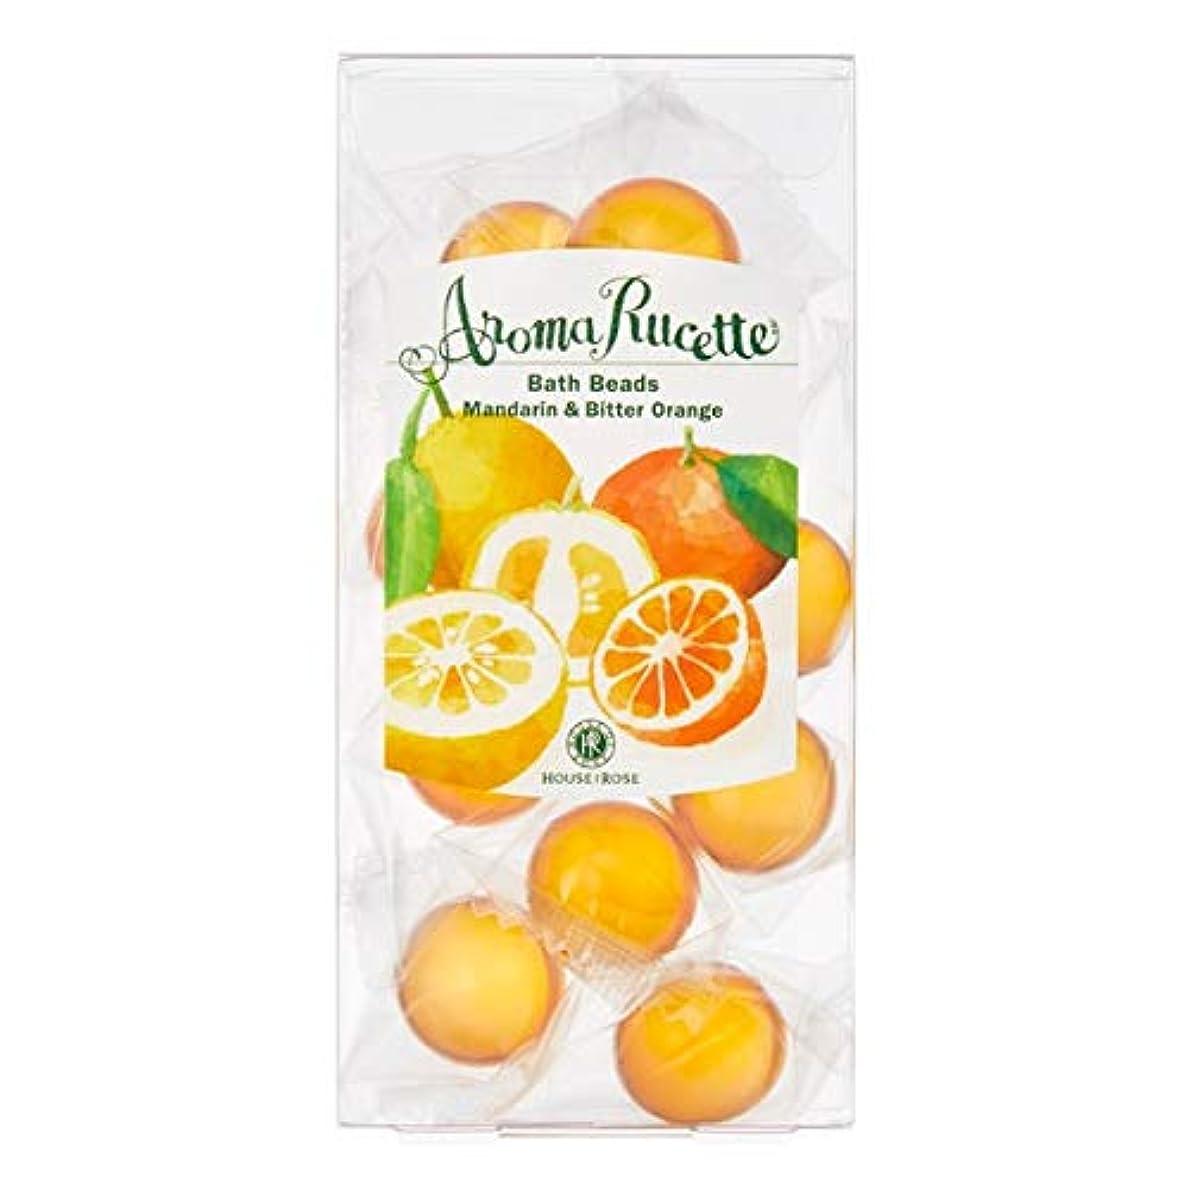 評論家ありがたい教育HOUSE OF ROSE(ハウスオブローゼ) ハウスオブローゼ/アロマルセット バスビーズ MD&BO(マンダリン&ビターオレンジの香り) 7g×11個